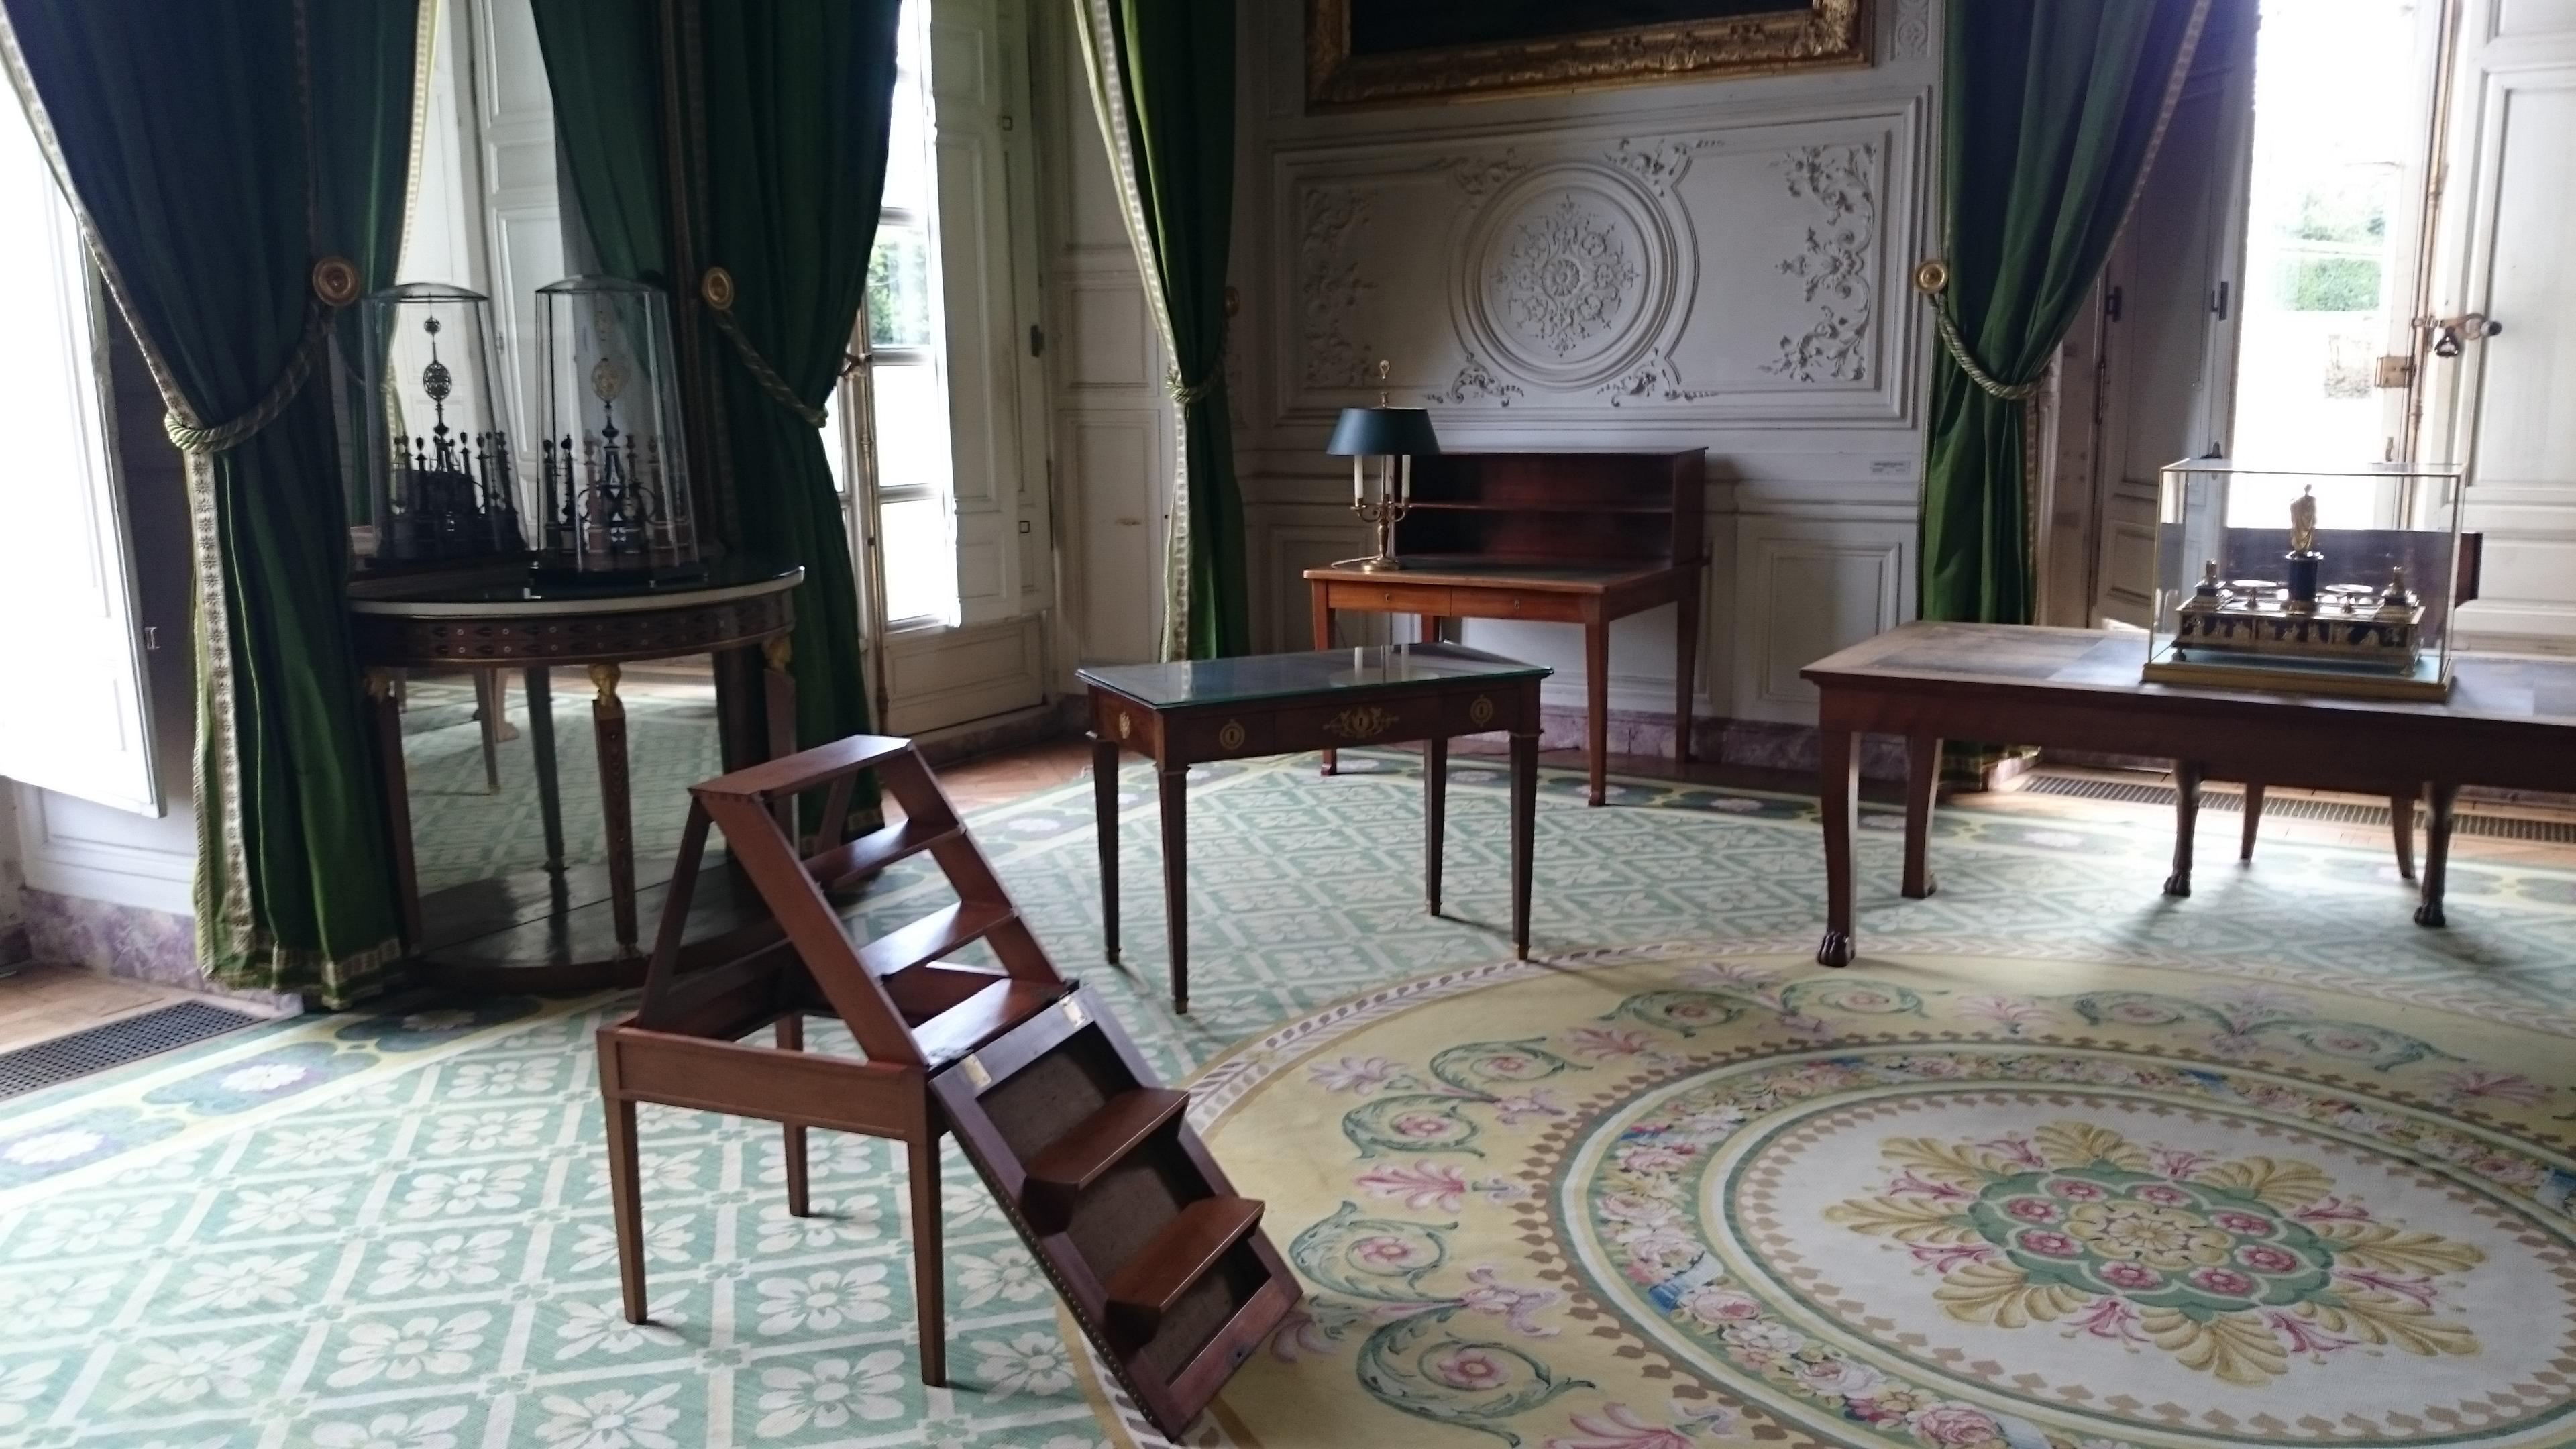 dsc 1231 - Visita al Palacio de Versalles: Como ir, cuanto cuesta y tips II/III